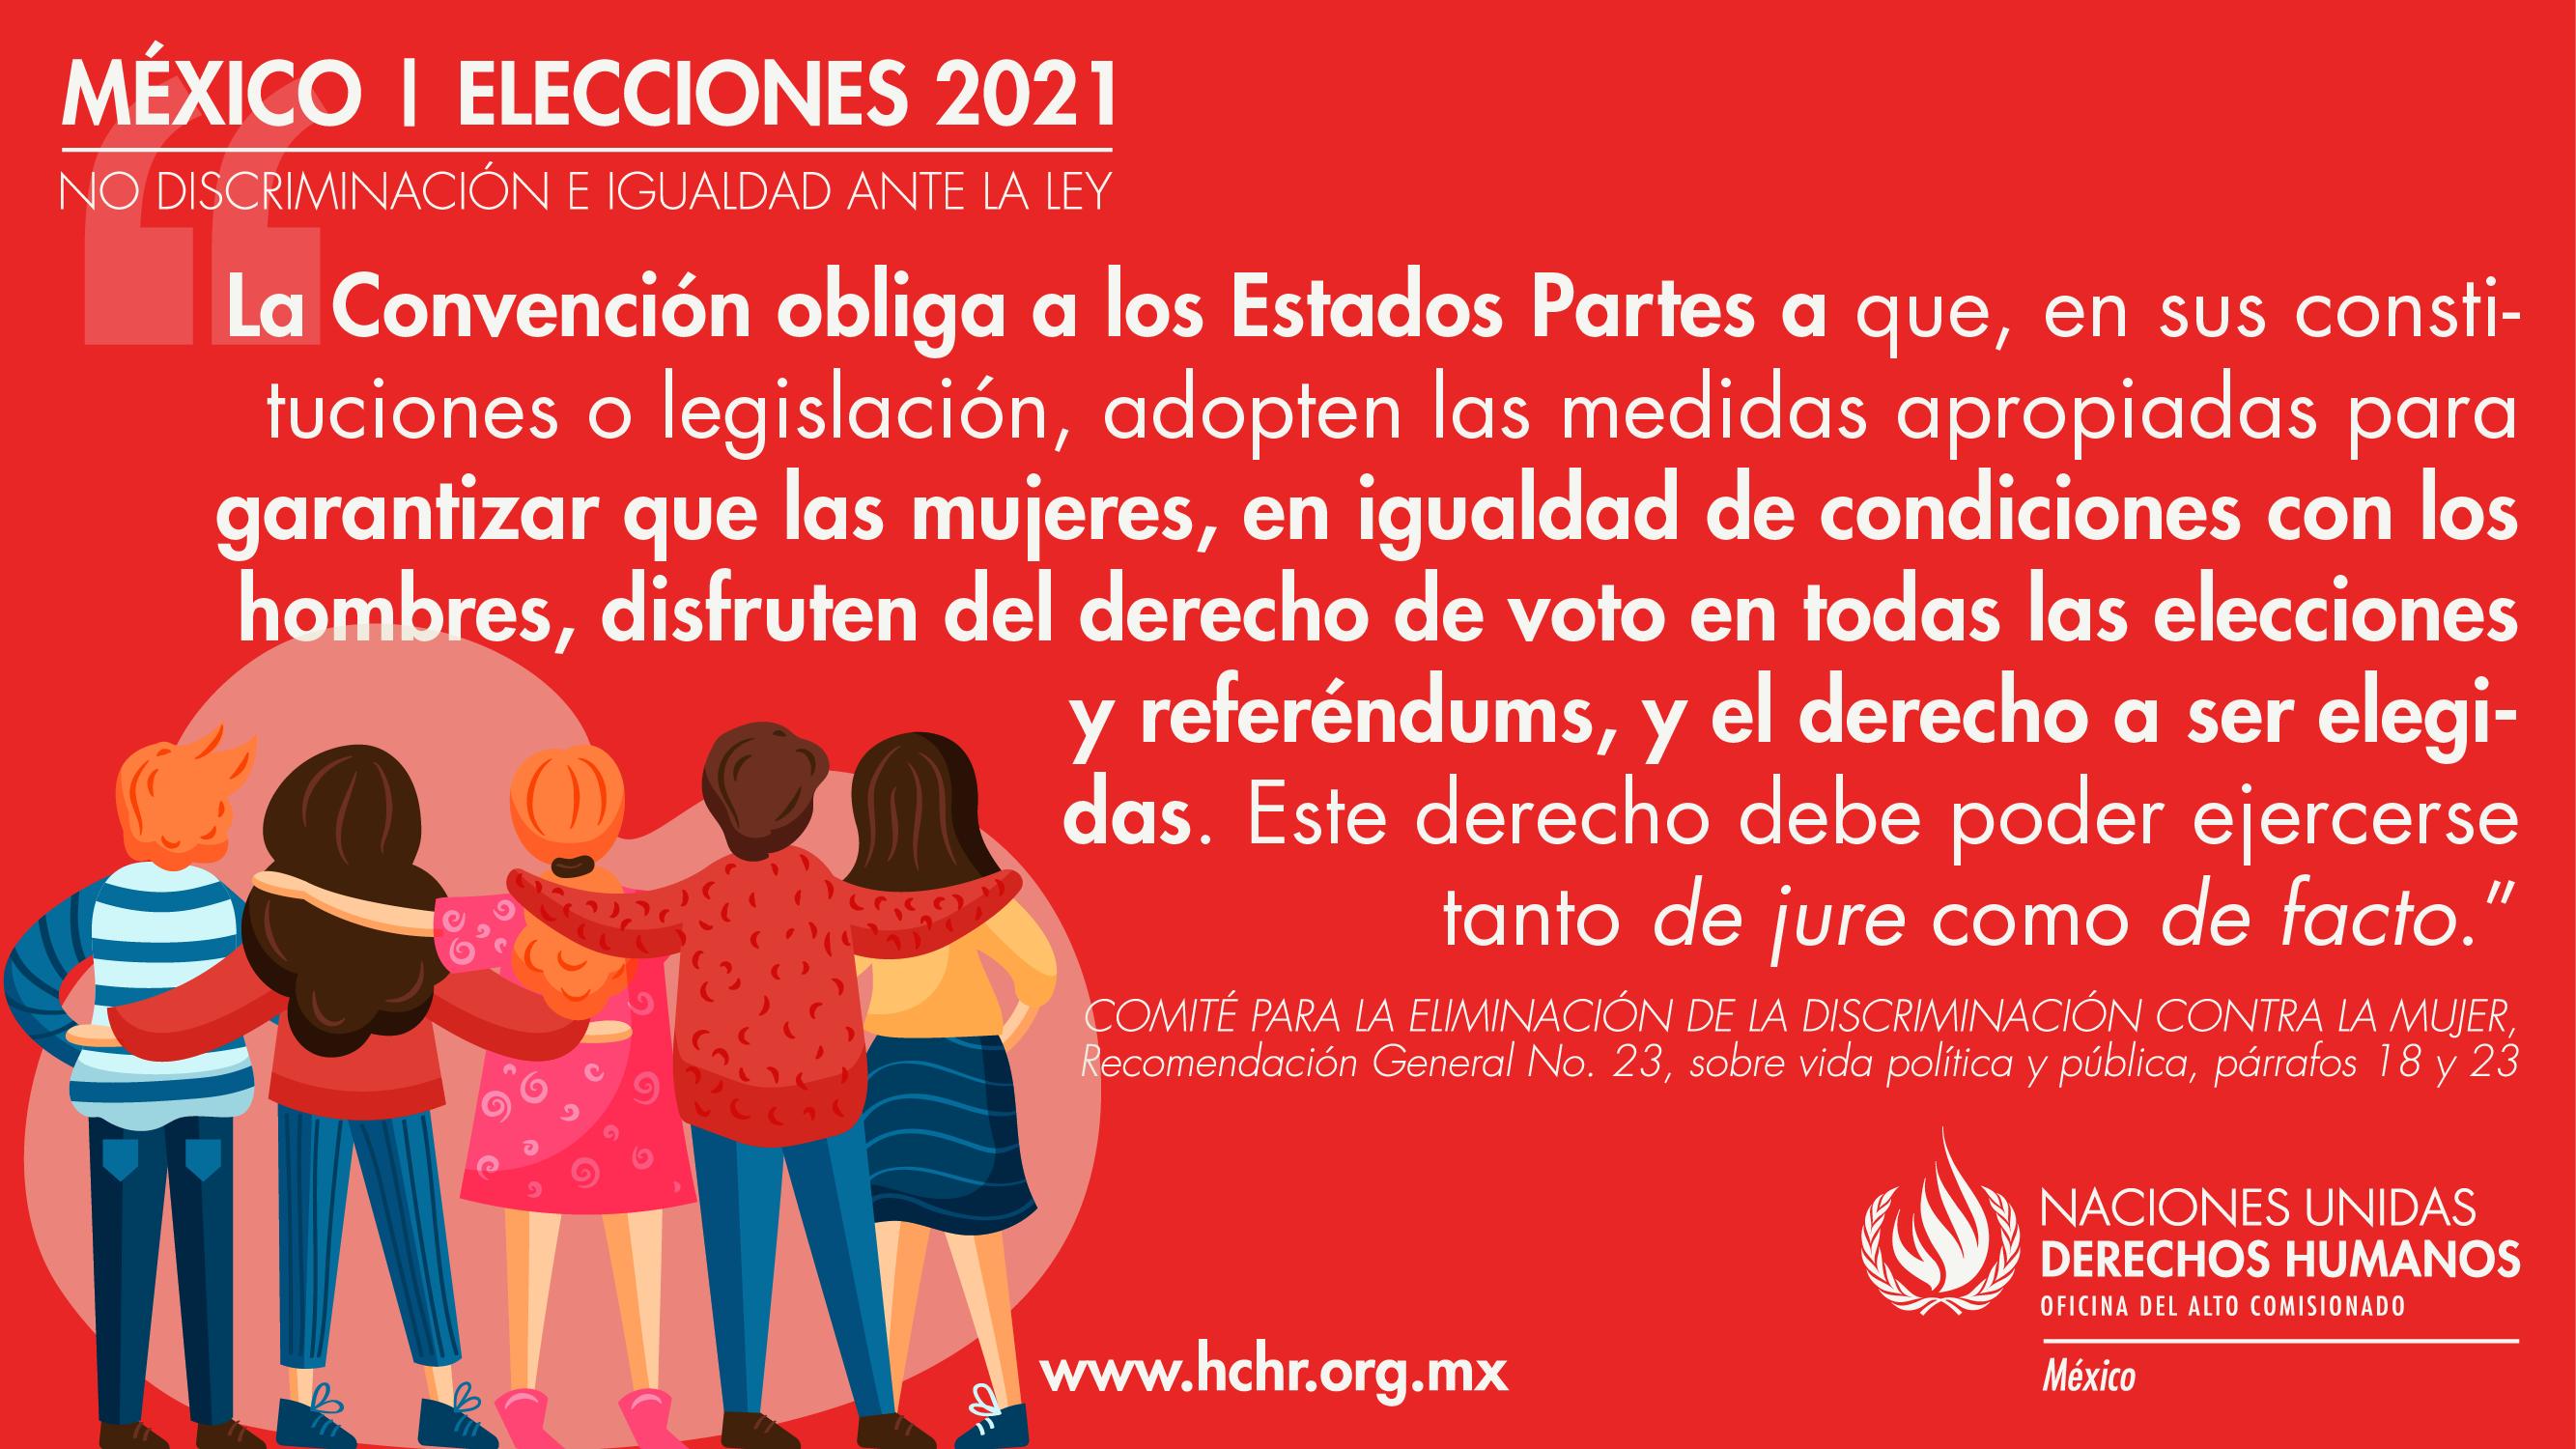 YA_Postales_EstándaresDH_Elecciones_Mesa de trabajo 1 copia 4